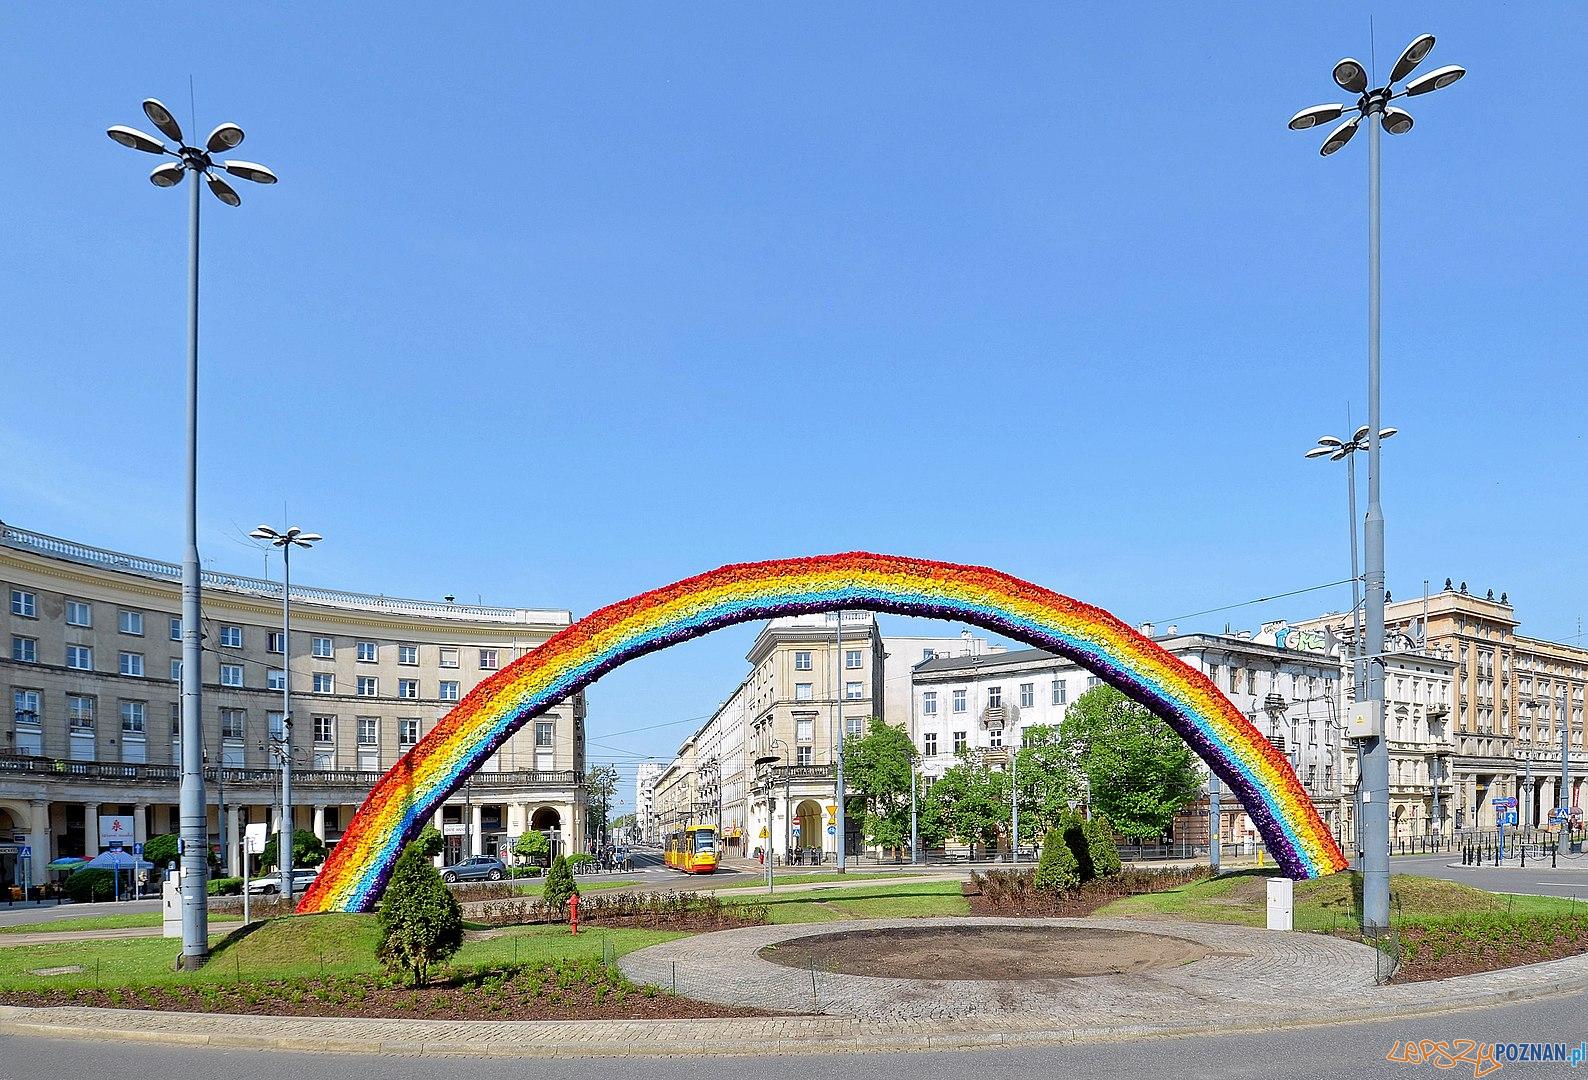 Tęcza - Plac Zbawiciela  Foto: Adrian Grycuk, lic. CC BY-SA 3.0 pl